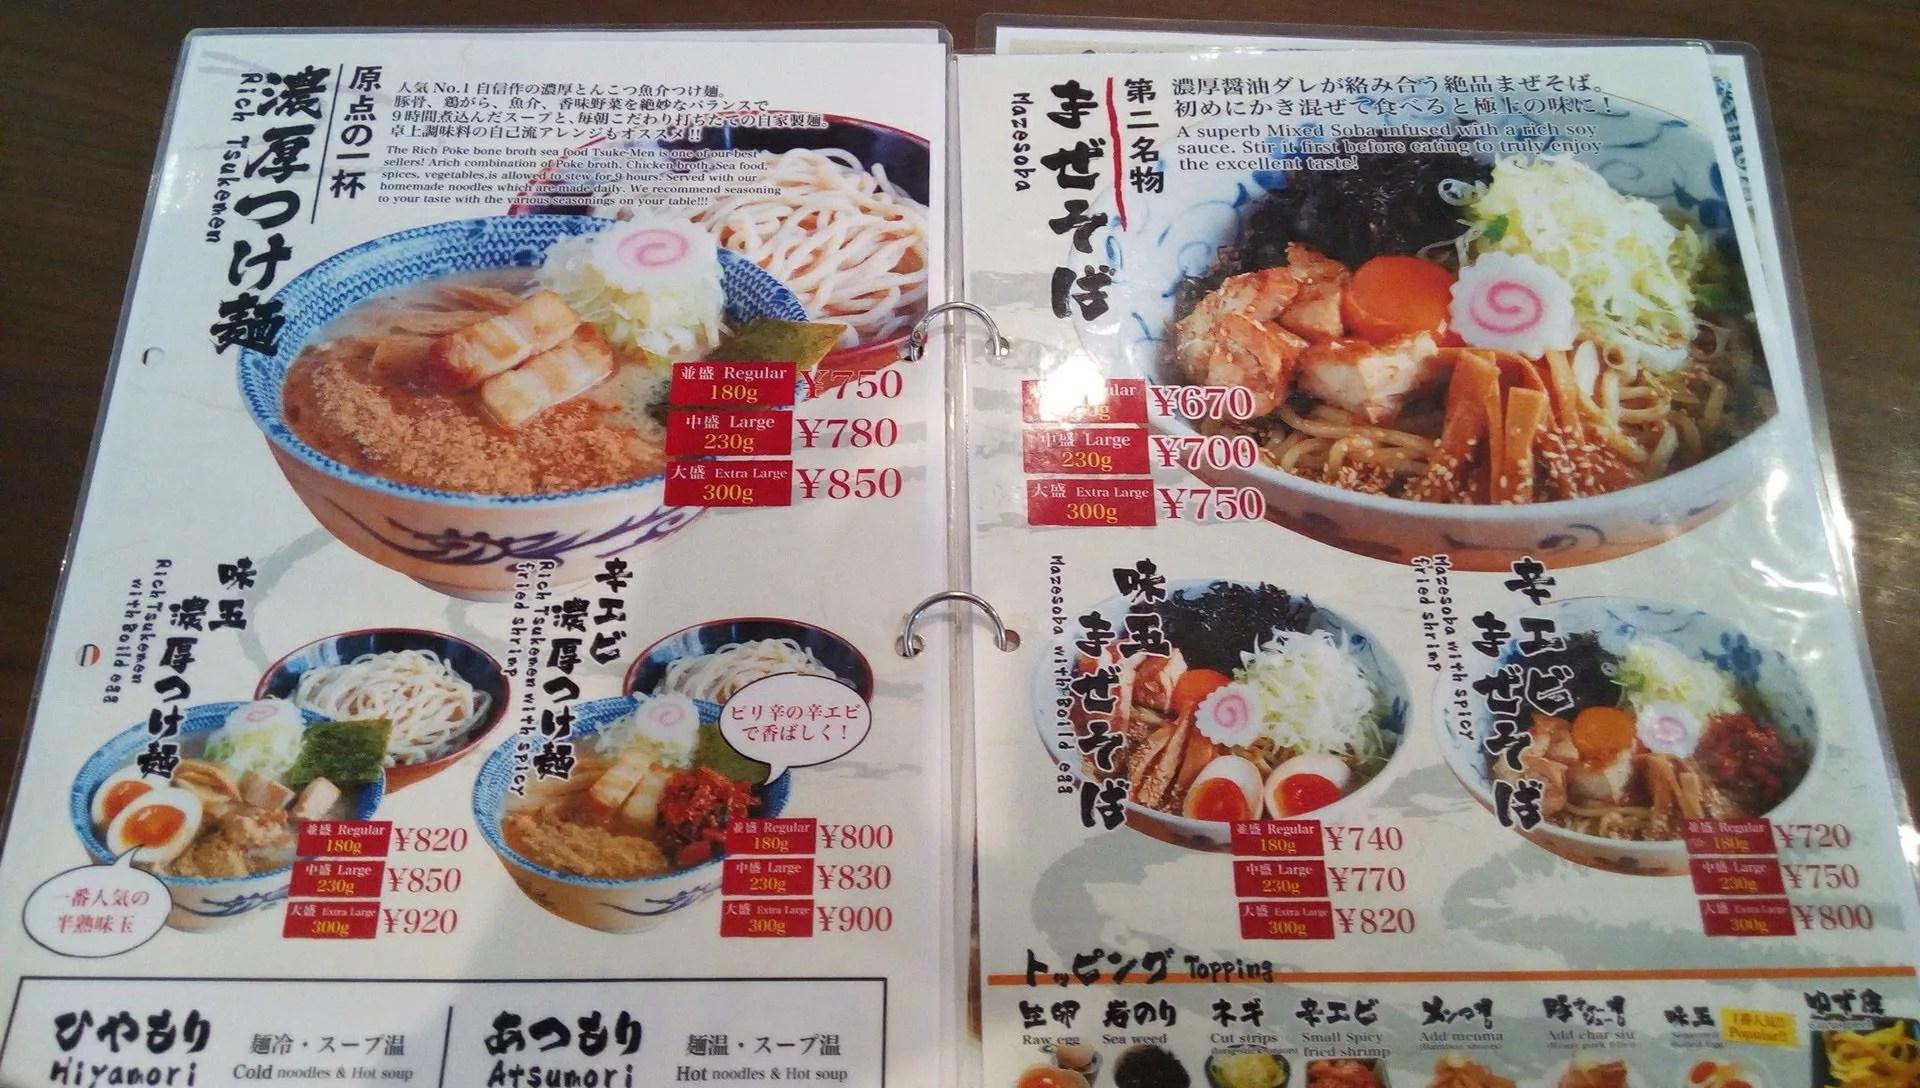 TSUKEMEN-GT Tsukemen menu